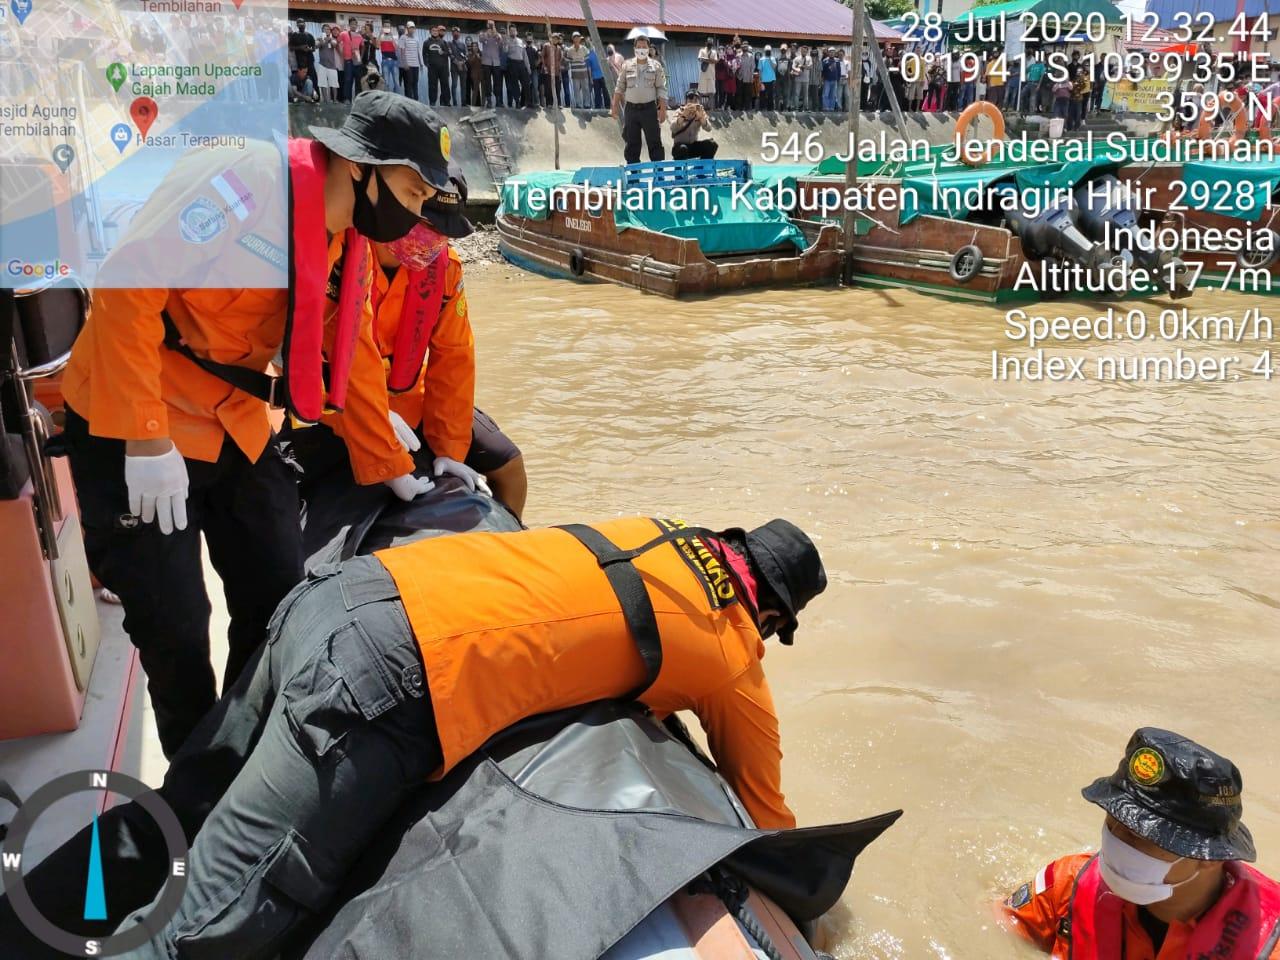 Tenggelam, Juru Parkir di Tembilahan Meninggal Dunia